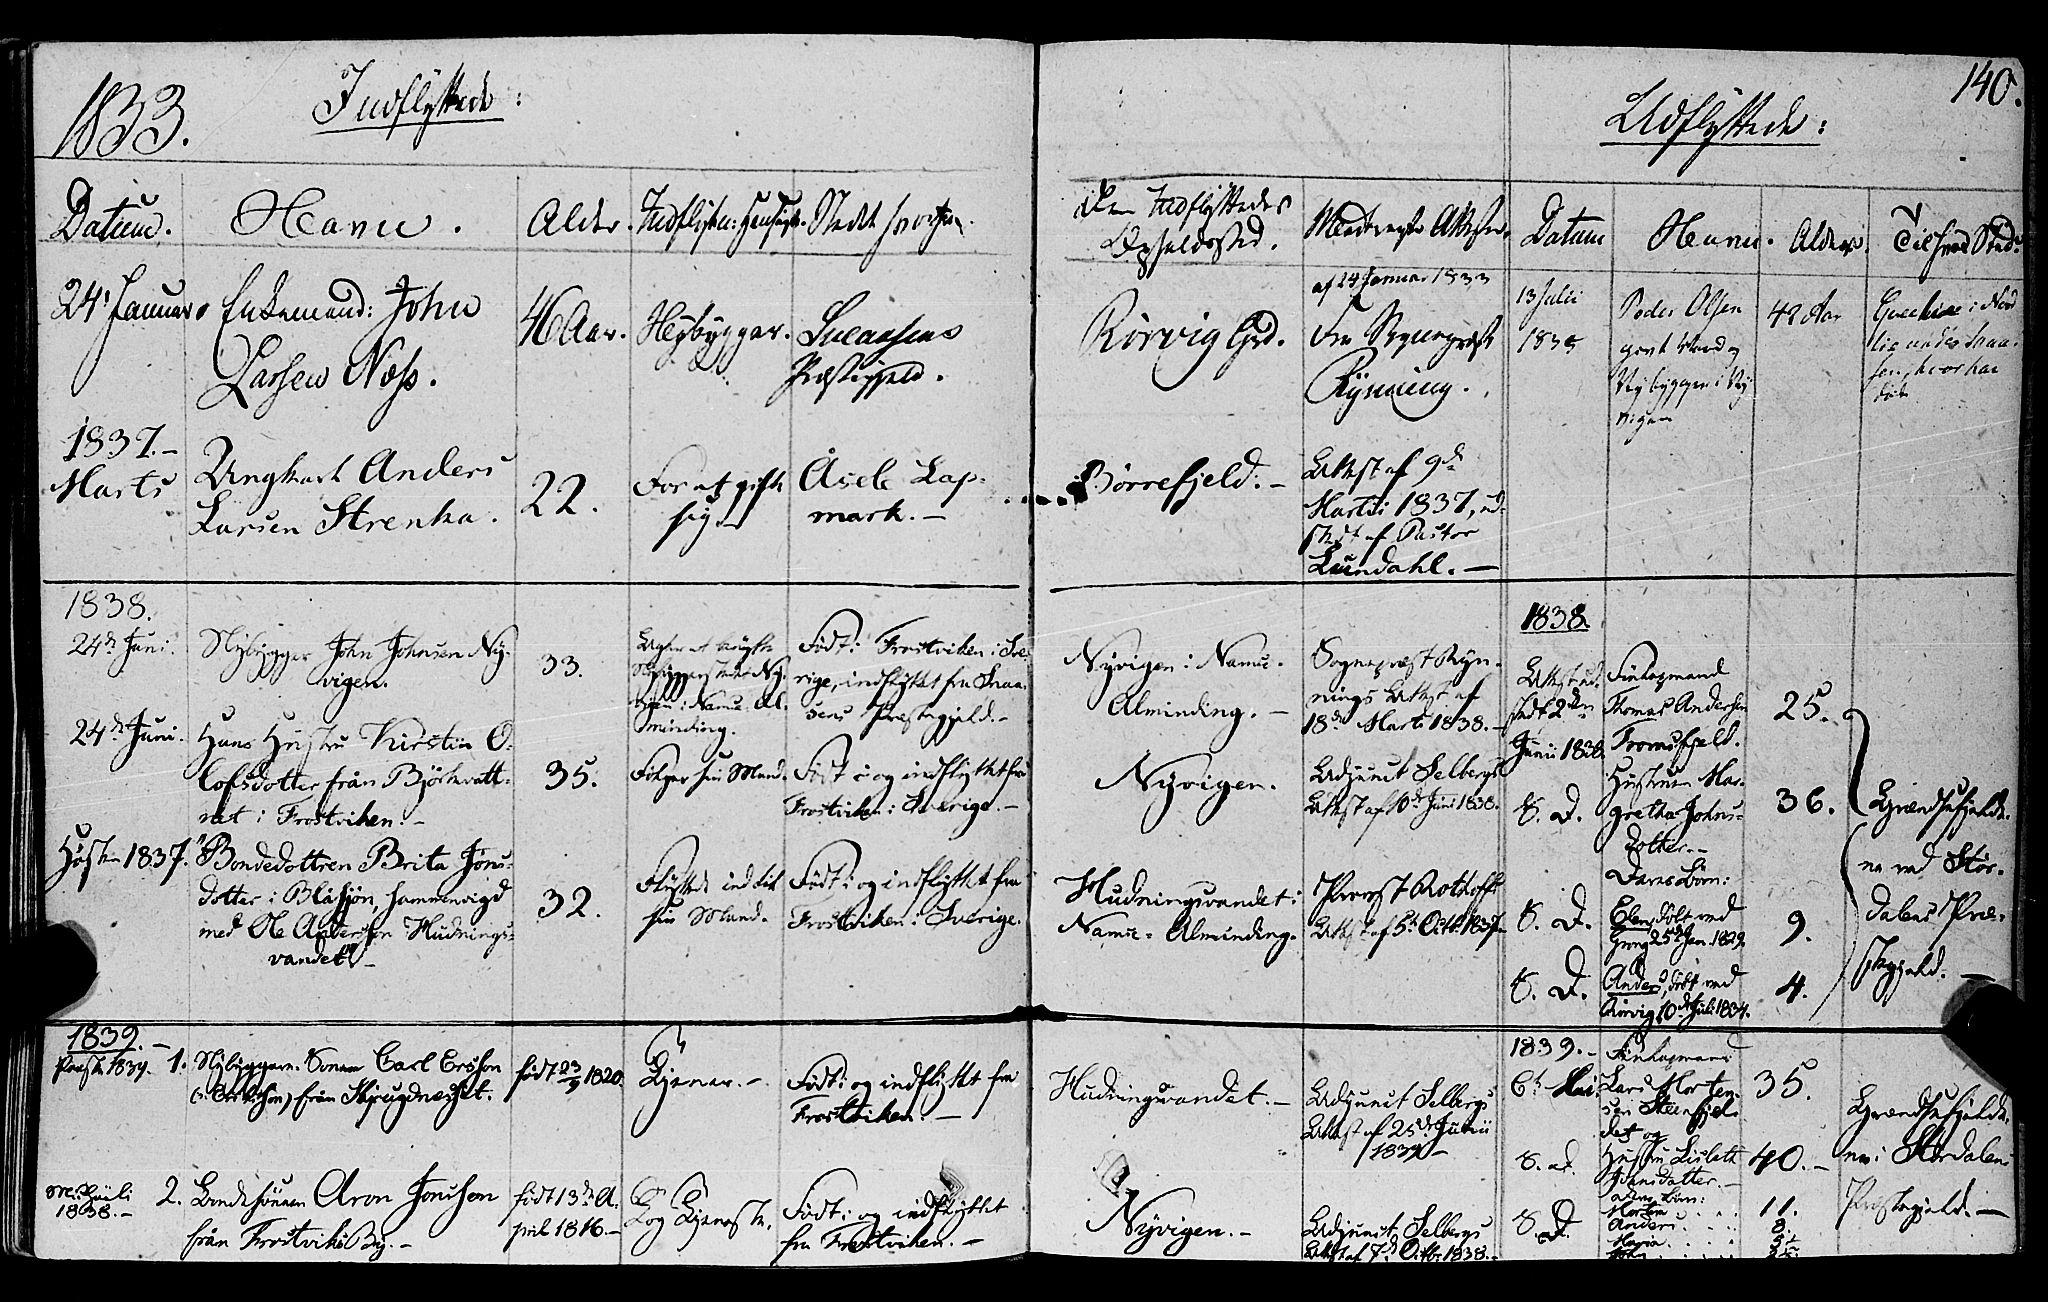 SAT, Ministerialprotokoller, klokkerbøker og fødselsregistre - Nord-Trøndelag, 762/L0538: Ministerialbok nr. 762A02 /1, 1833-1879, s. 140